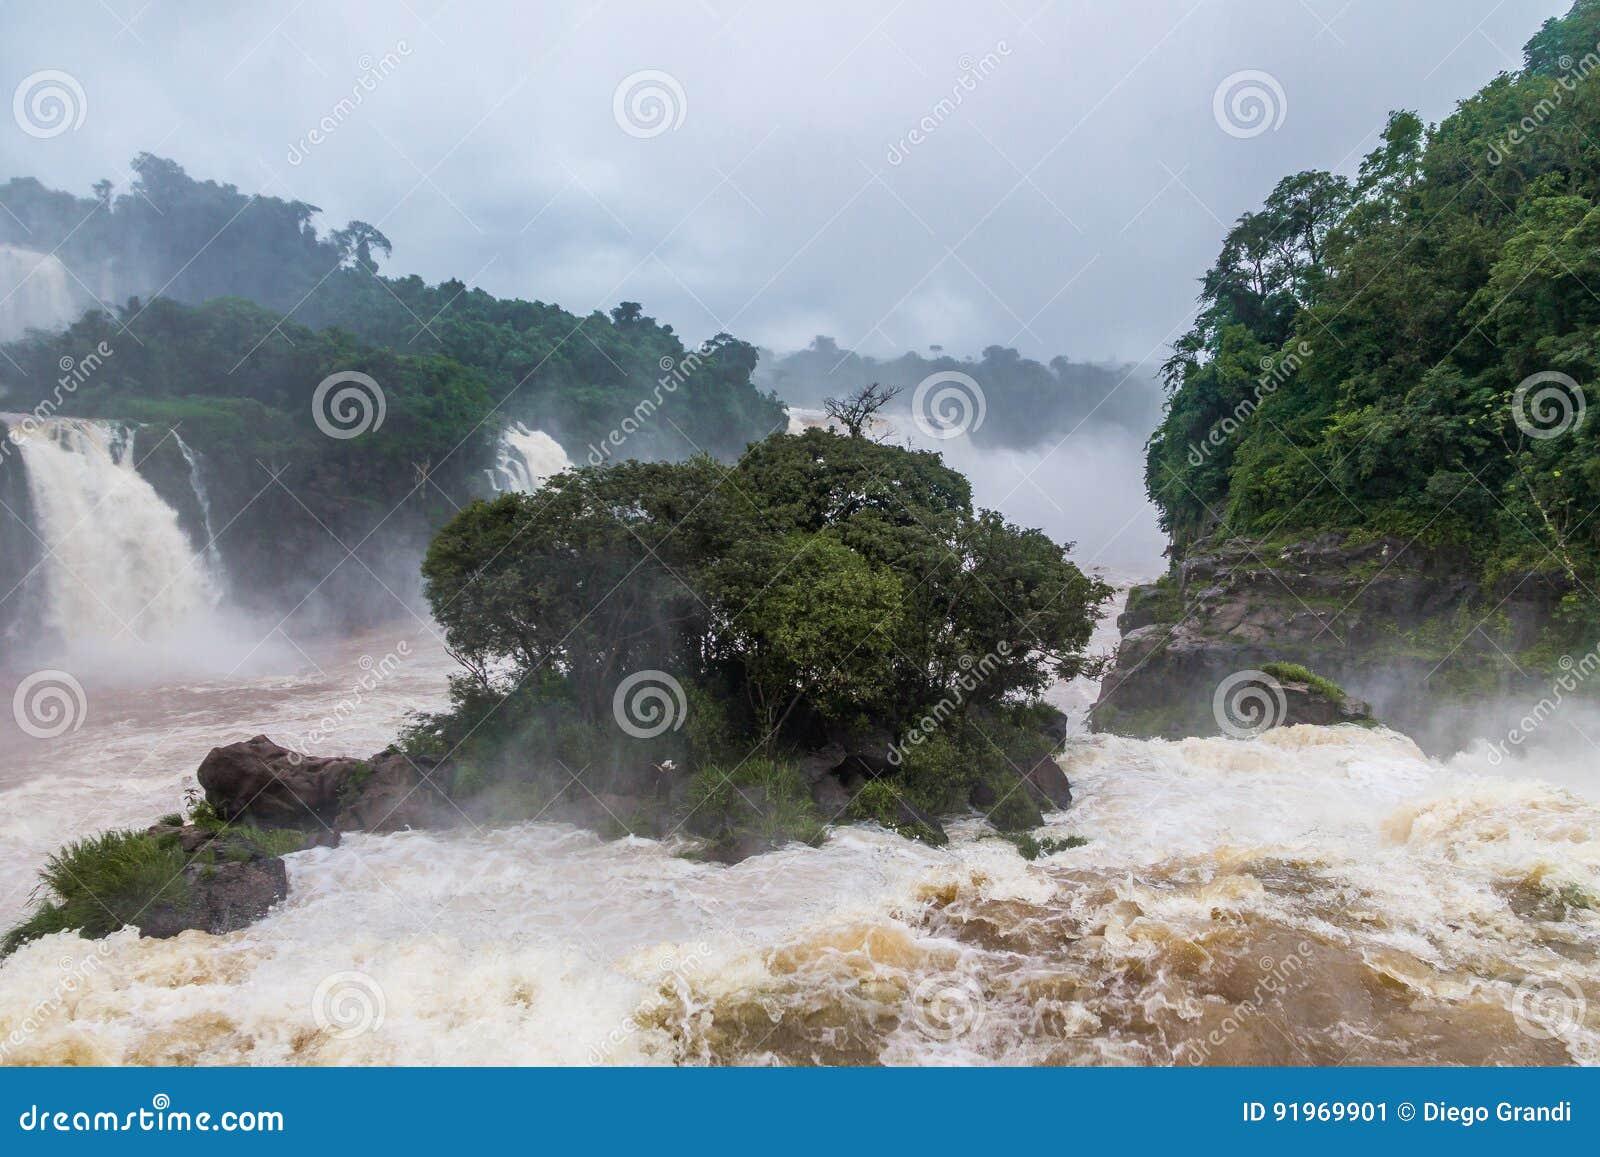 Iguazu Falls sikt från brasiliansk sida - Brasilien och Argentina gränsar